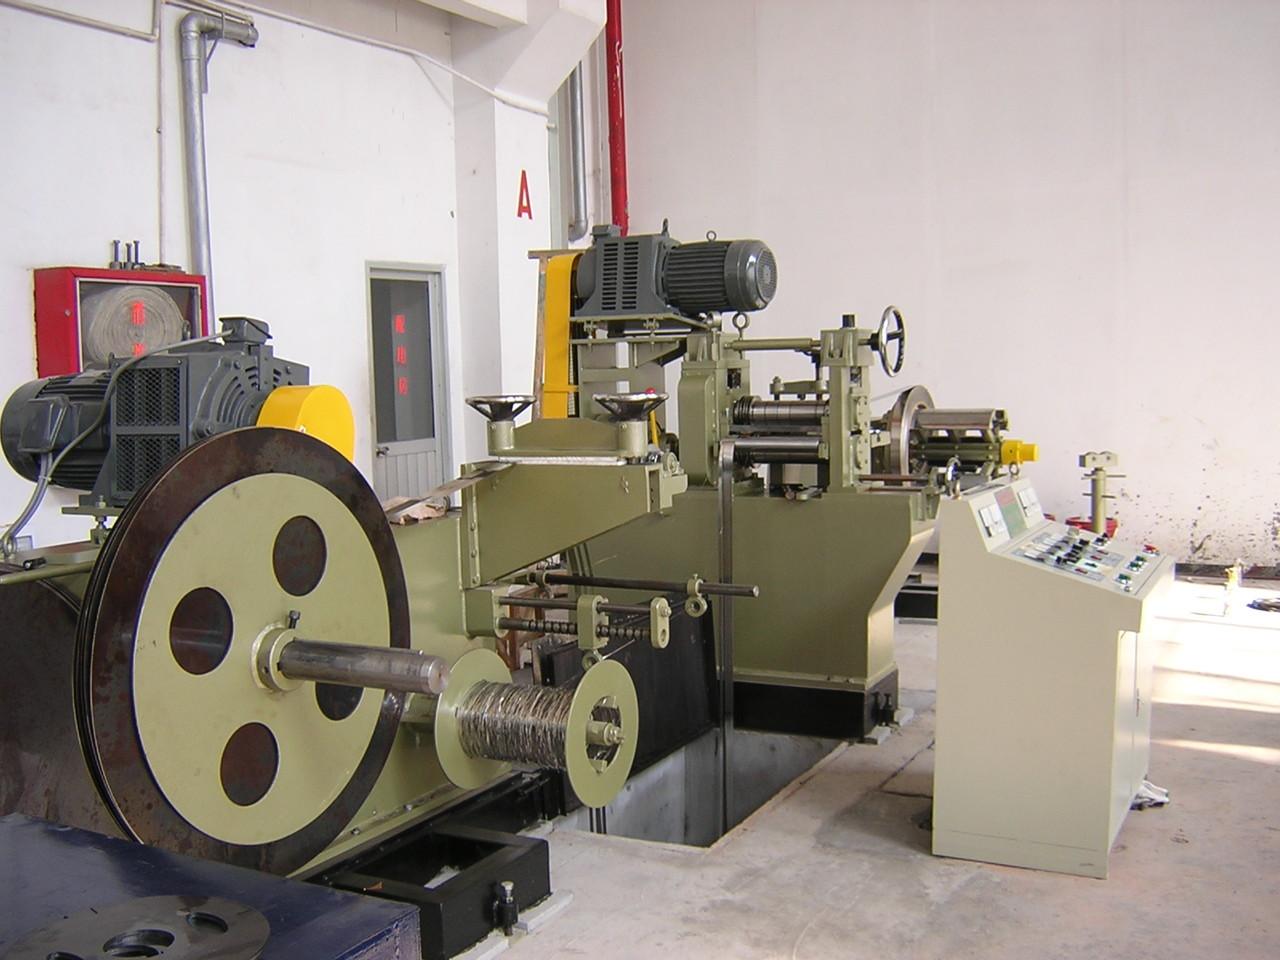 Slitter line - domestic equipment, Taiwan machinery equipment